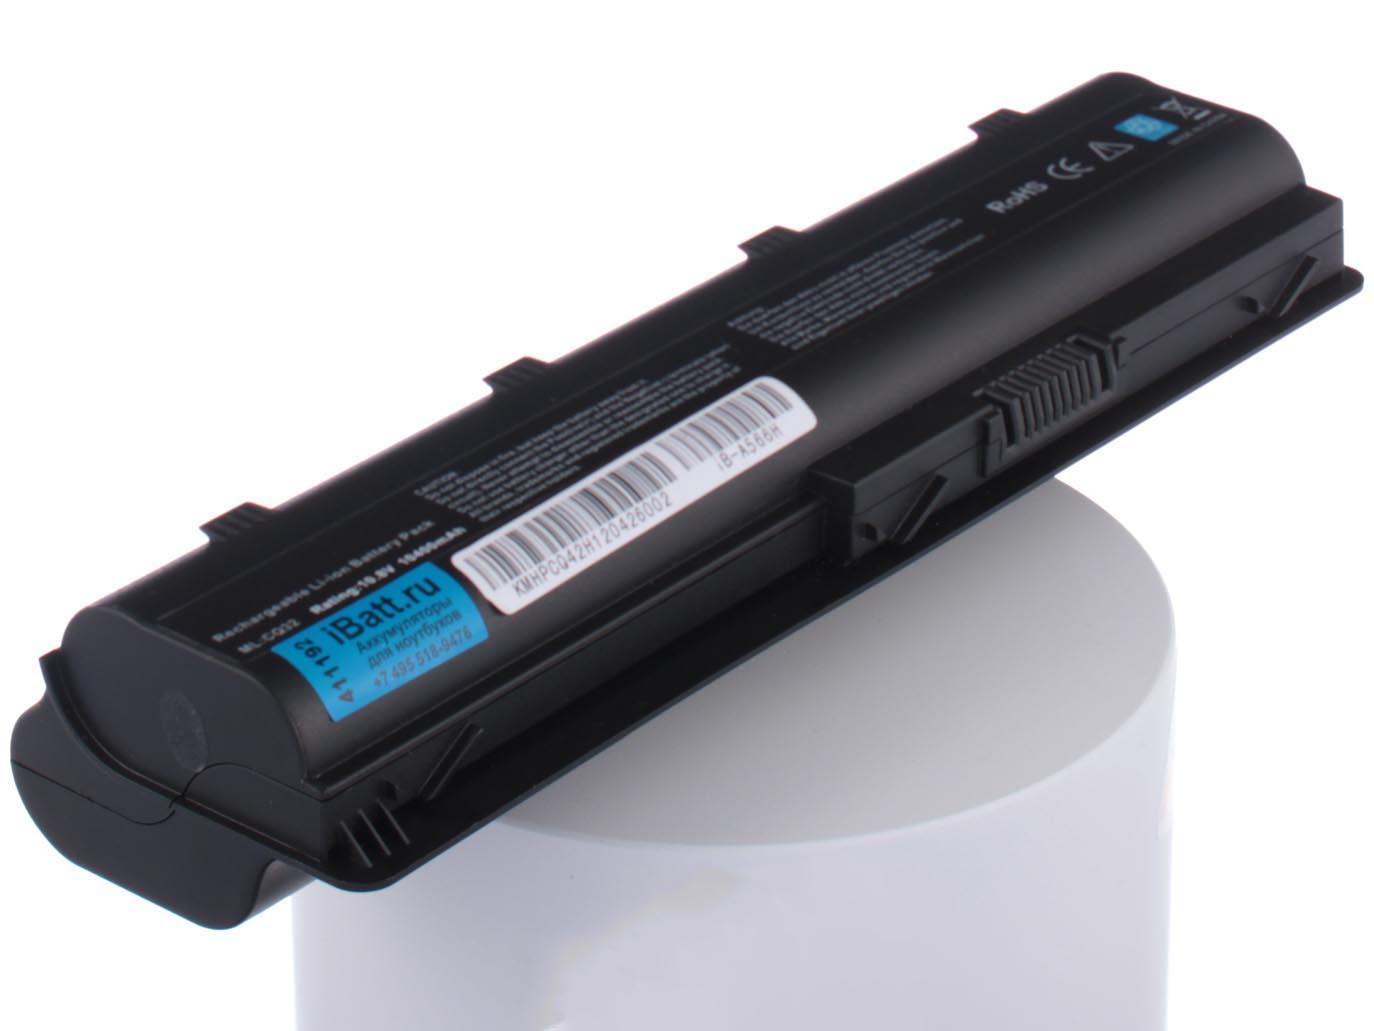 цены на Аккумулятор для ноутбука iBatt для HP-Compaq Presario CQ56-170SR, Presario CQ56-227SR, Presario CQ57-202ER, 2000-2d00, 650 (H5K65EA), 650 H5K65EA, CQ58-200ER, CQ58-300ER, CQ58-325ER, CQ58-386SR, Envy 17-1000, G62-400, G62-a50  в интернет-магазинах